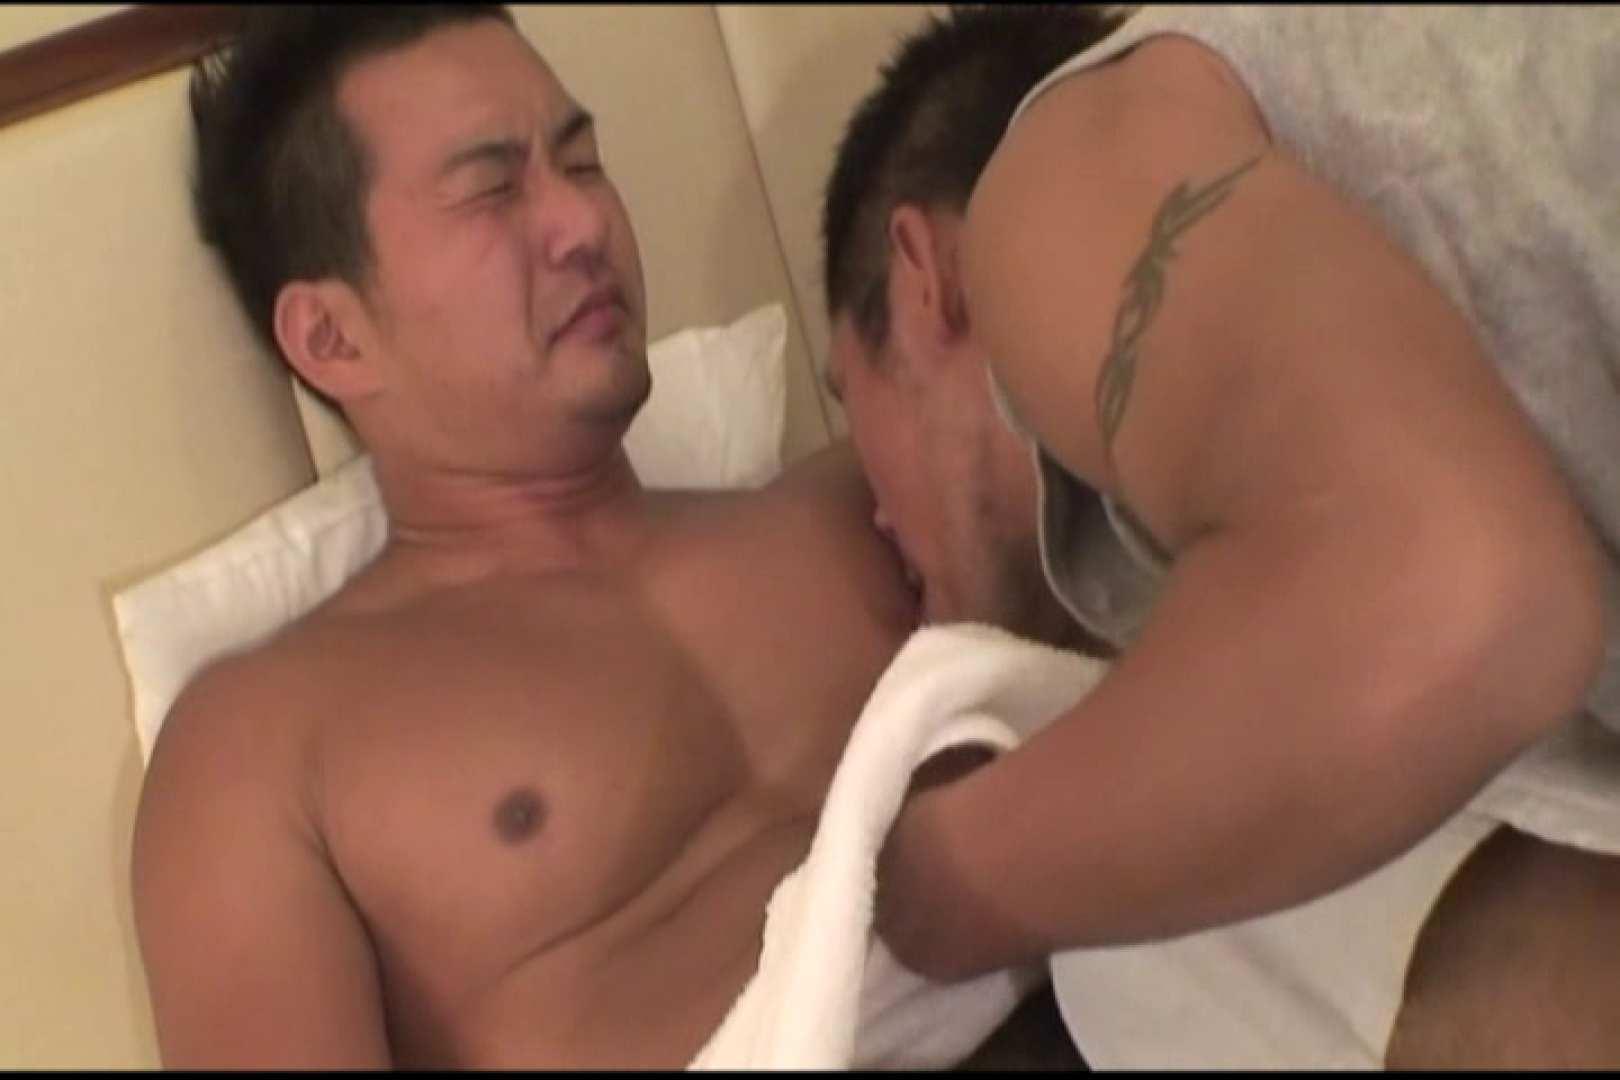 短髪ラガーマン風男子、乳首を舐められ悶絶顔 男に首ったけ ゲイフリーエロ画像 84連発 29